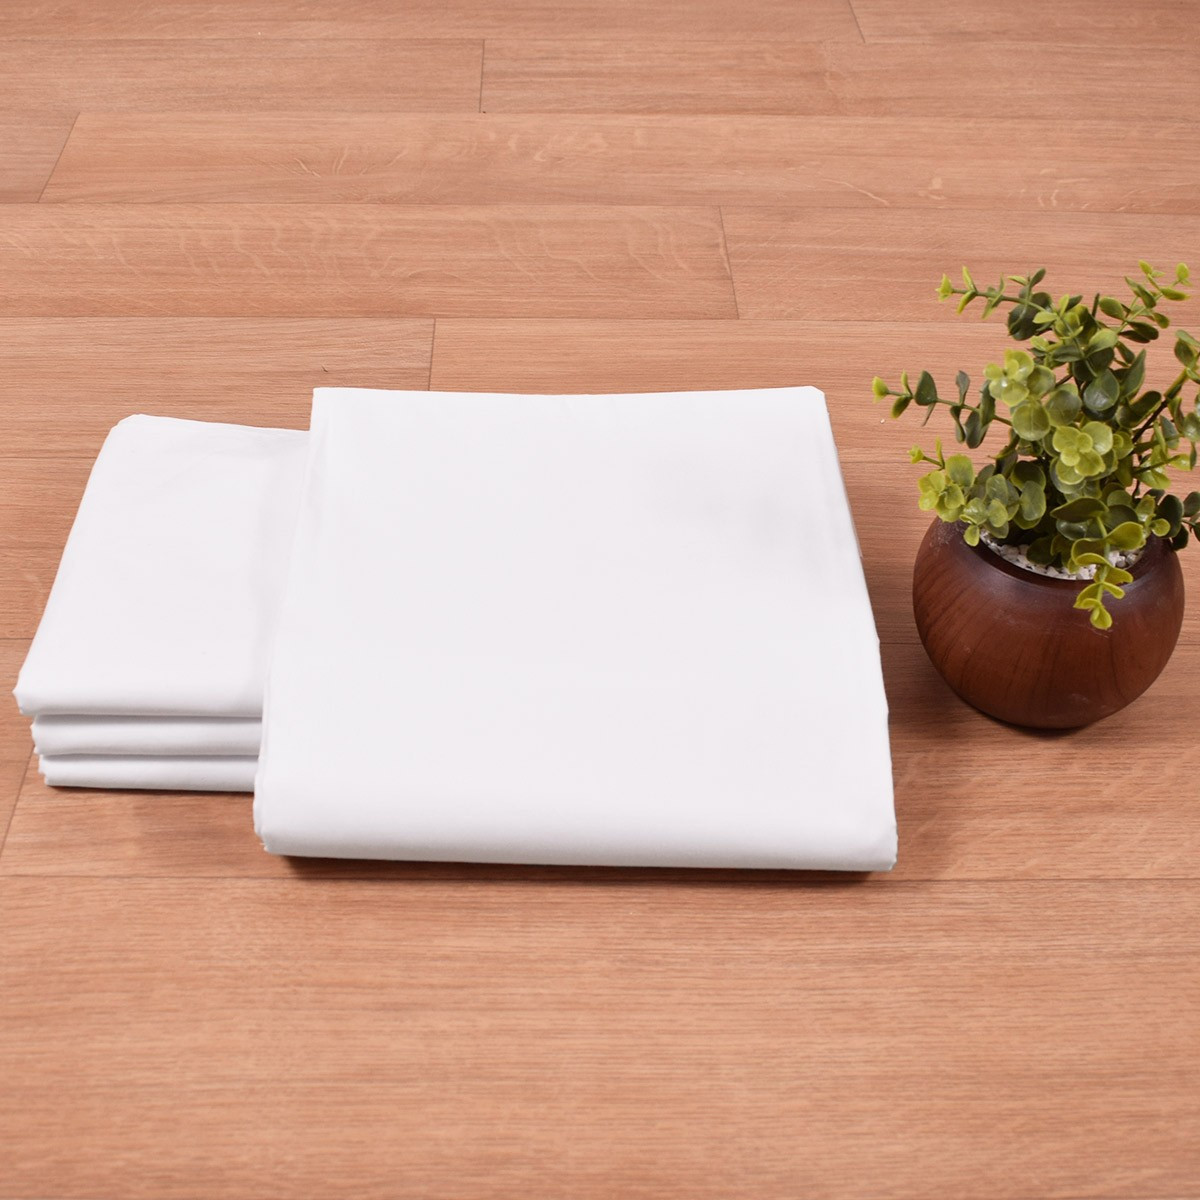 Σεντόνι (170x280) 70%Βαμβάκι 30%Polyester T200 home   επαγγελματικός εξοπλισμός   ξενοδοχειακός εξοπλισμός   σεντόνια ξενοδοχεί